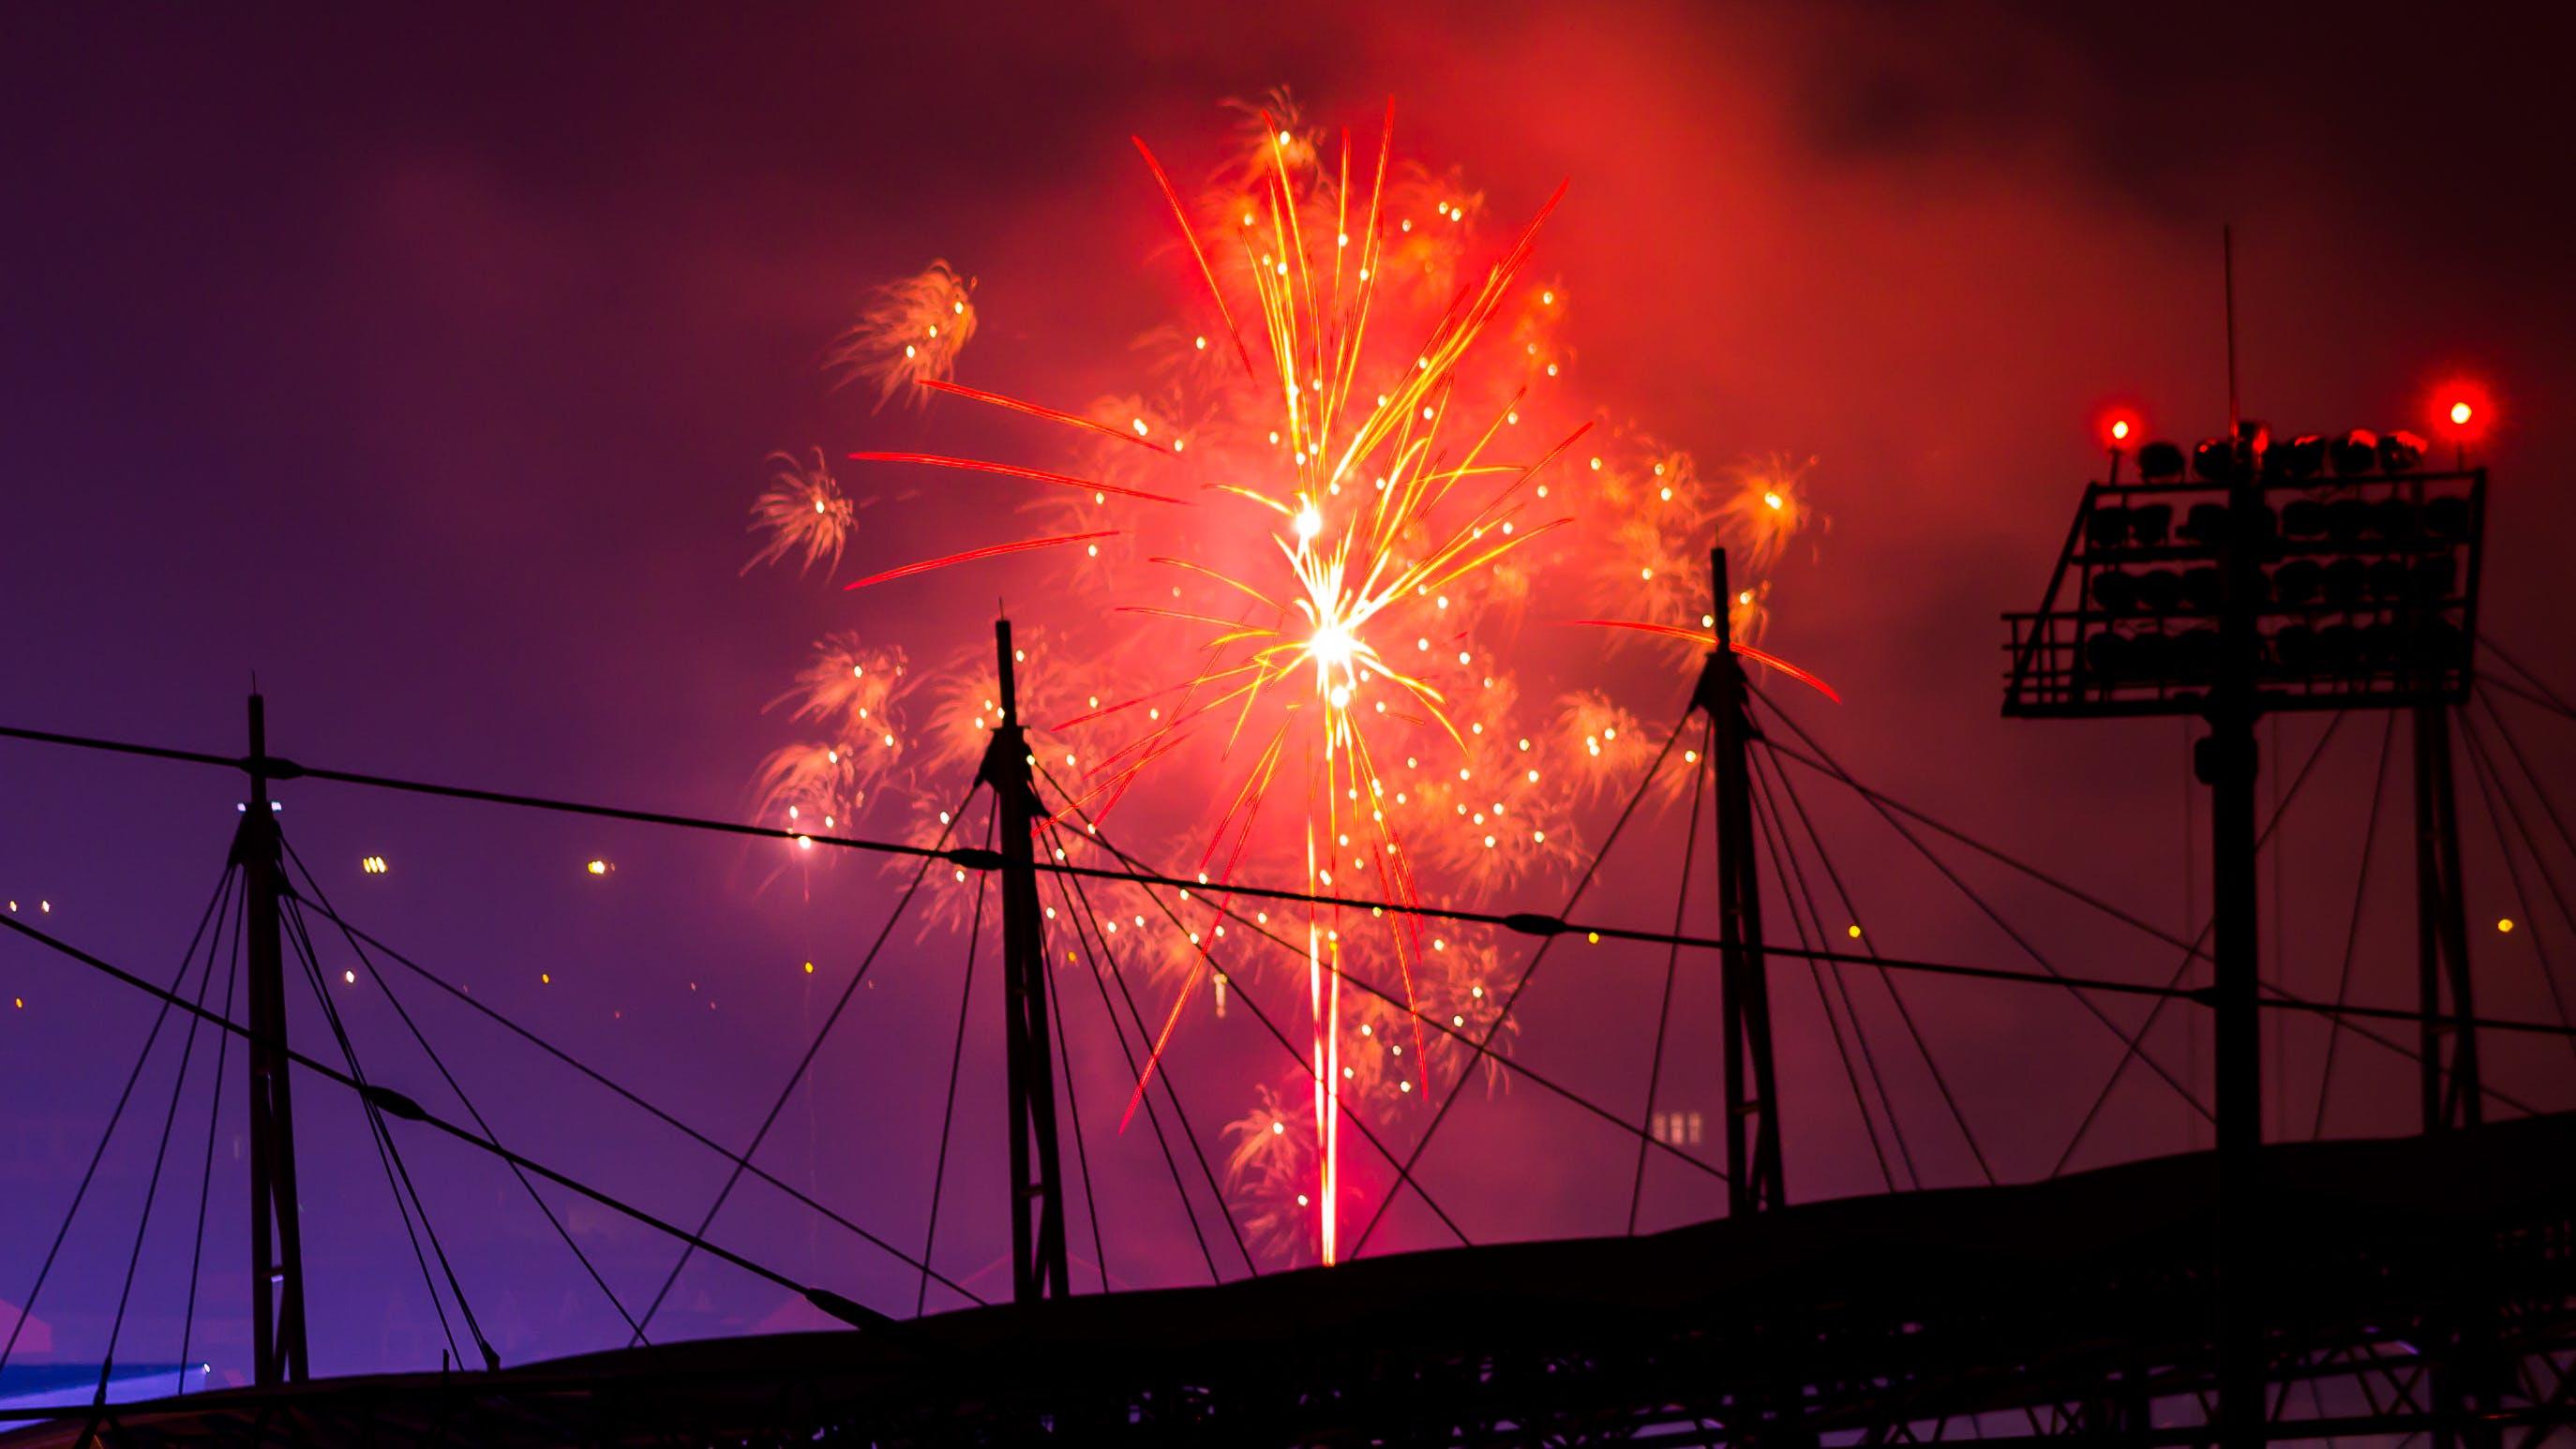 Δωρεάν στοκ φωτογραφιών με απόγευμα, βραδινός ουρανός, γιορτή, έκρηξη